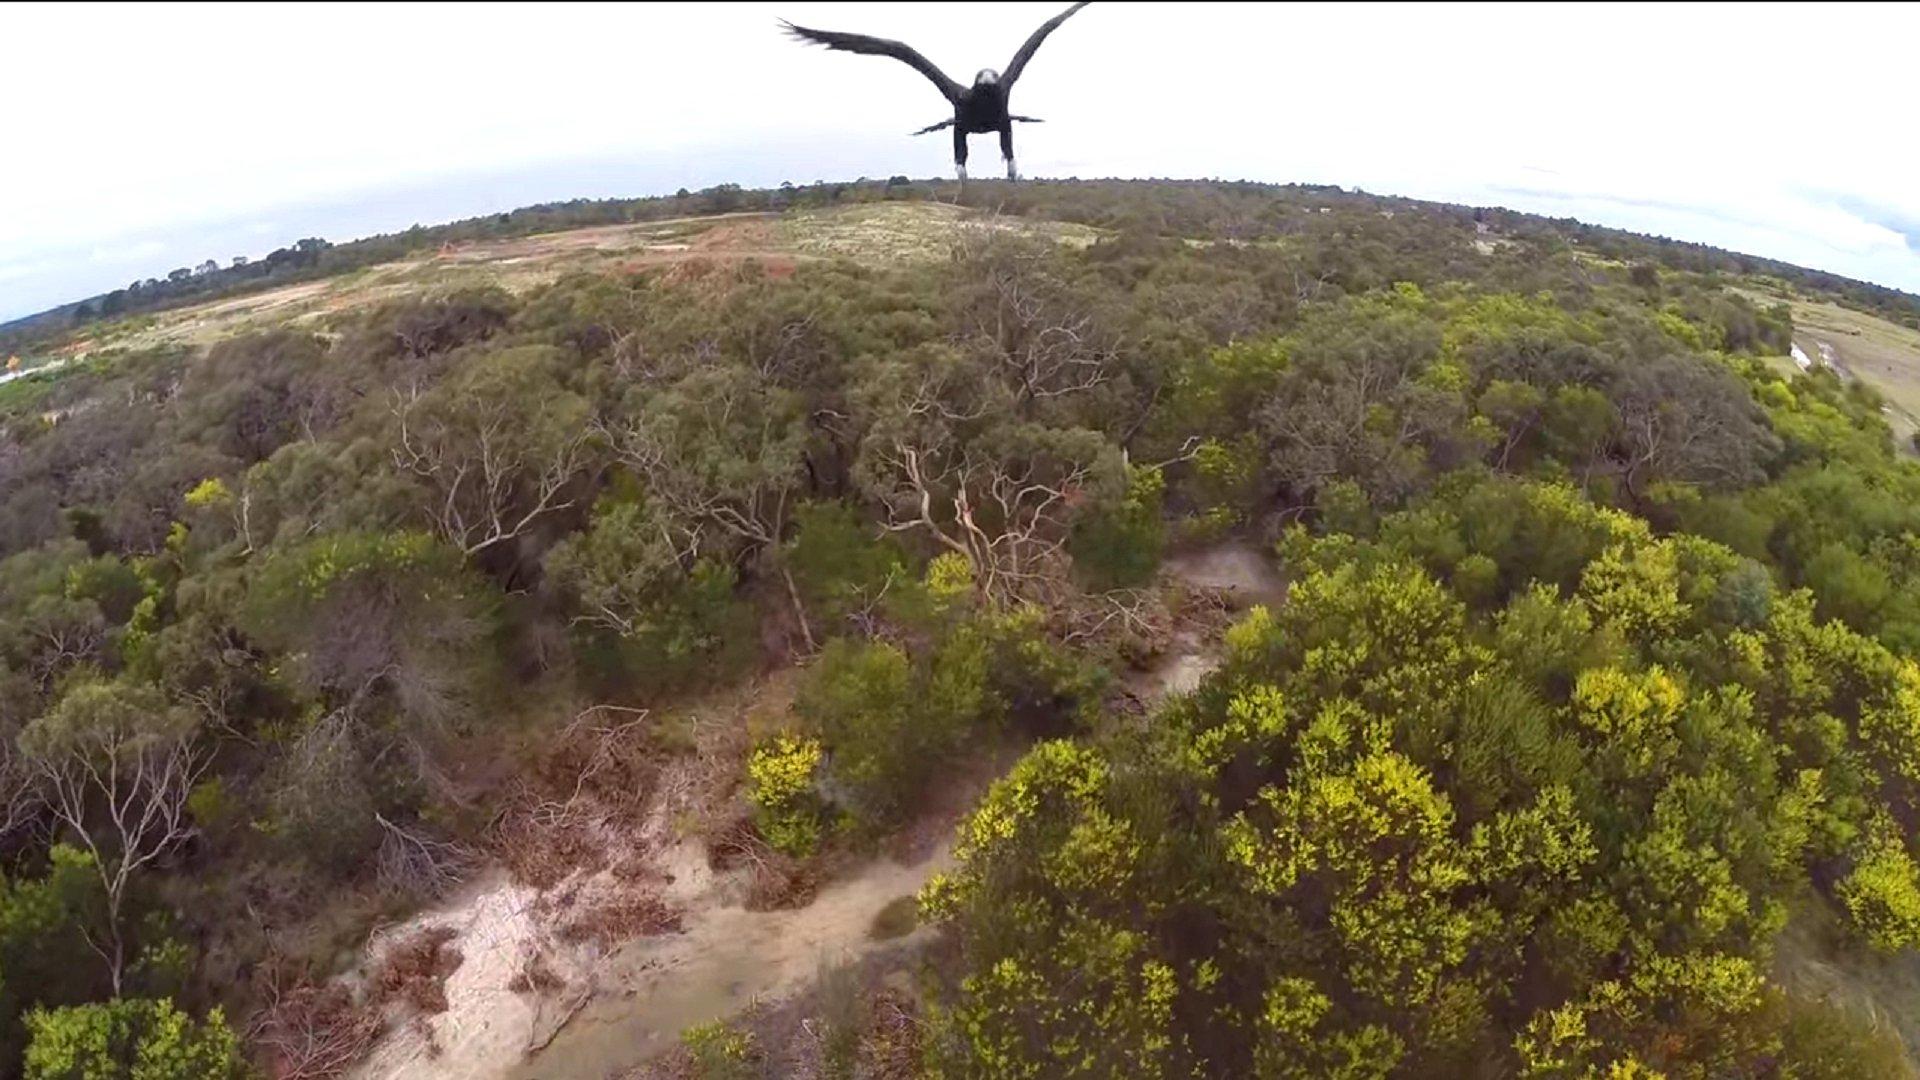 Adler greift Drohne in Australien an